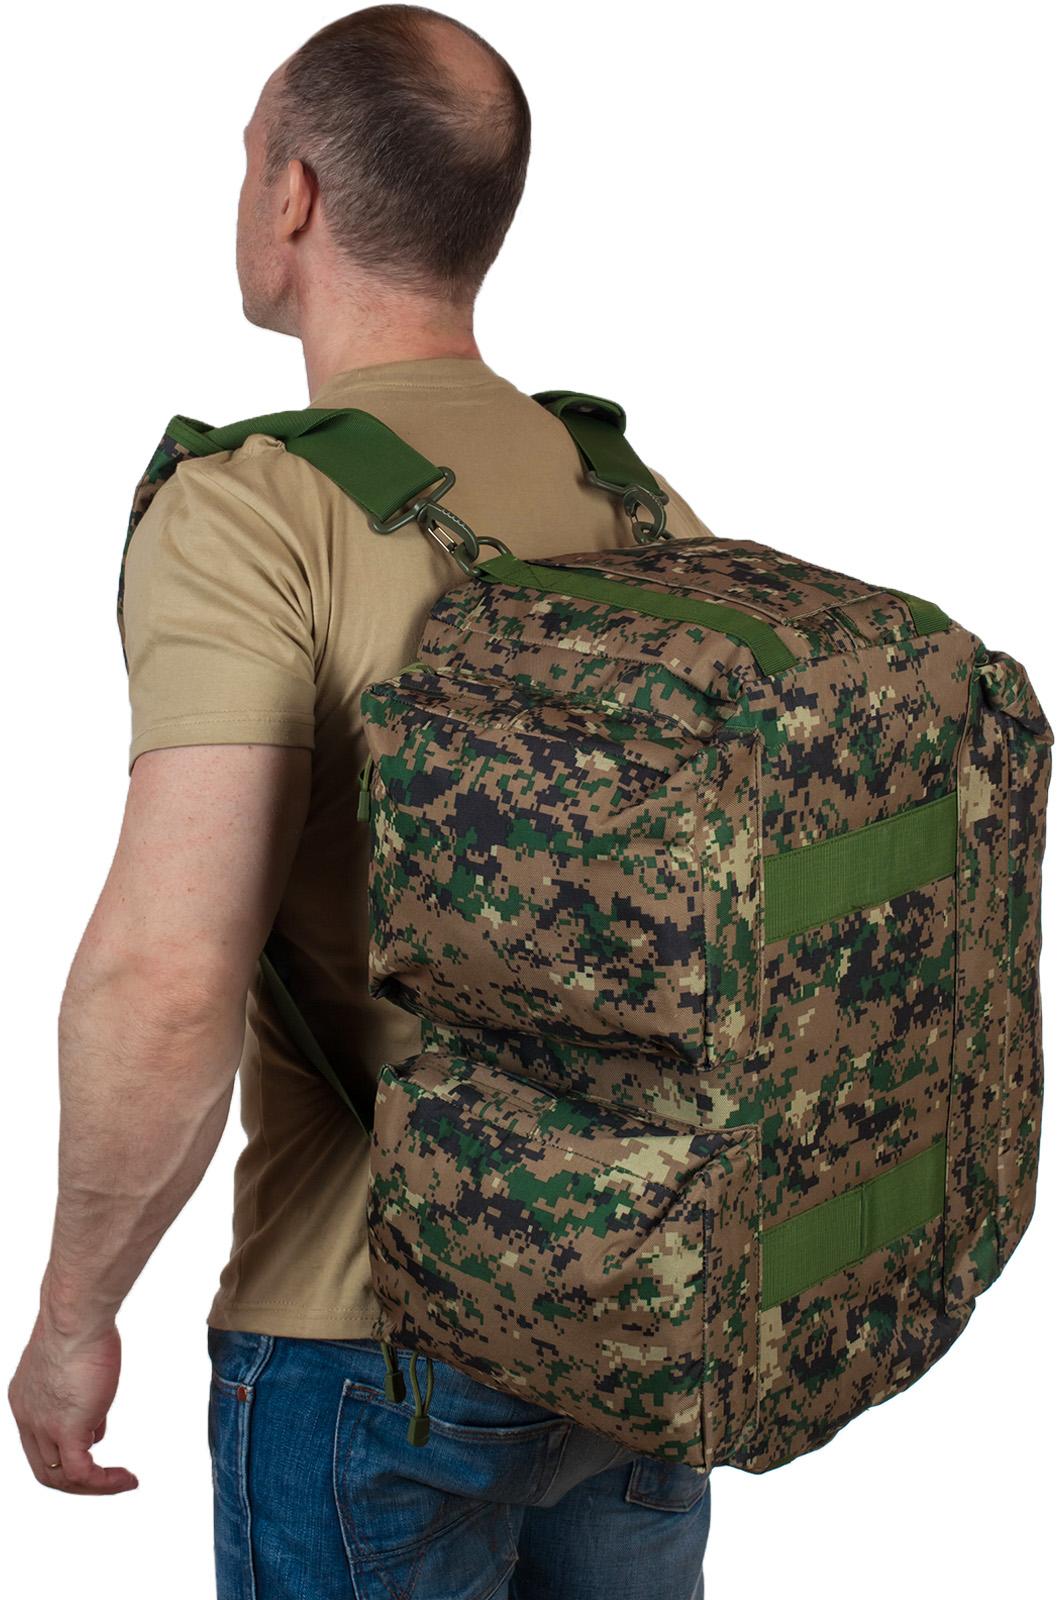 Армейская дорожная сумка камуфляжа MARPAT Digital Woodland